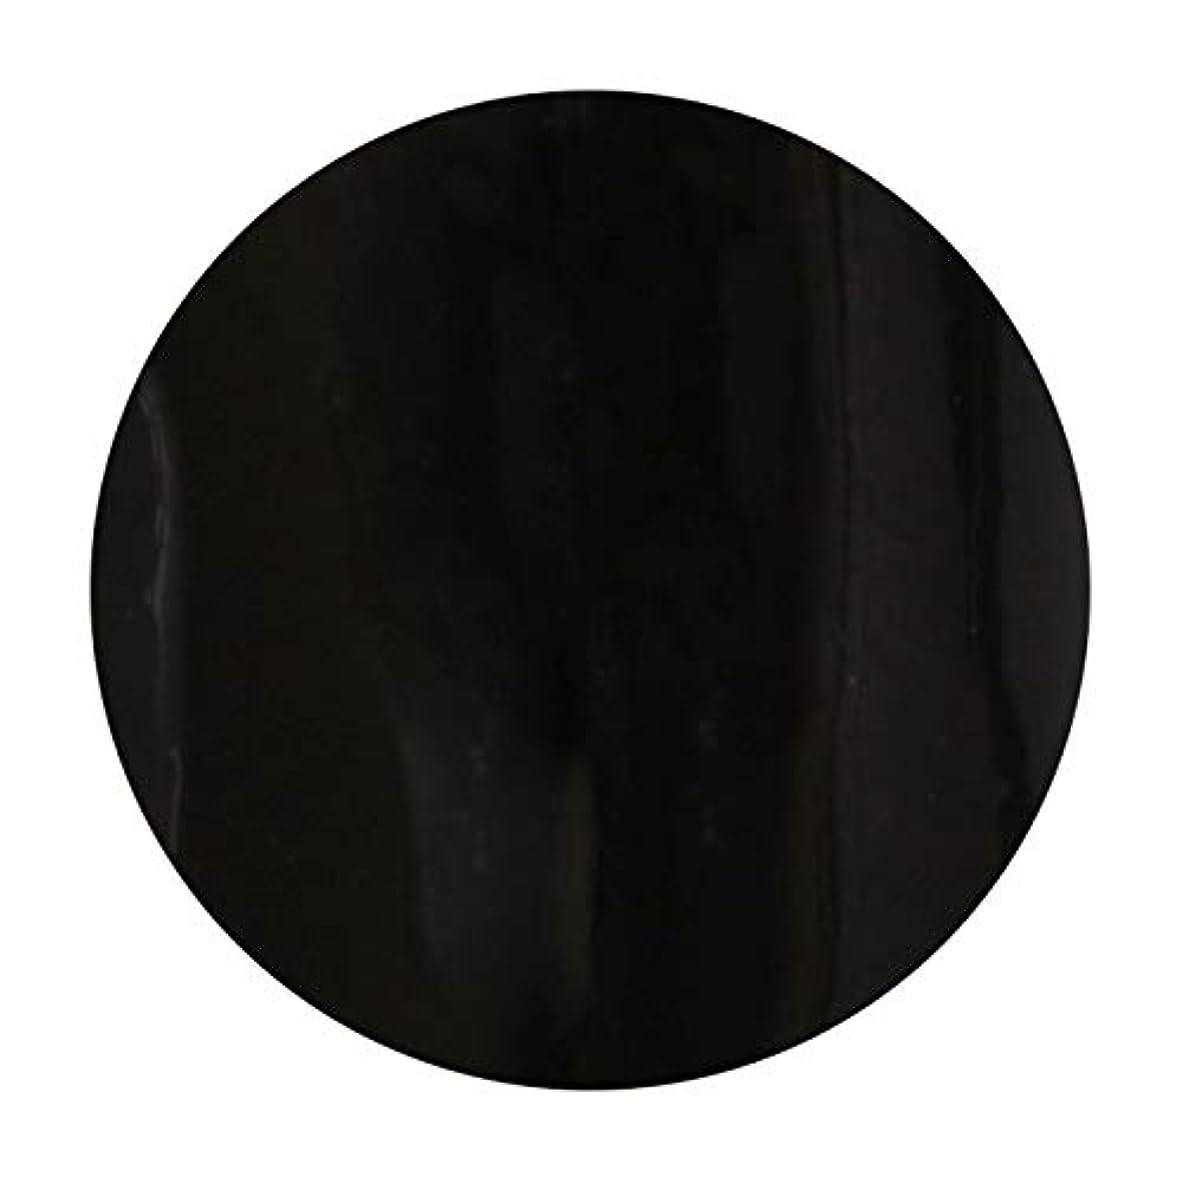 ポインタ猛烈なアヒルT-GEL COLLECTION ティージェル カラージェル D219 ブラックライナーEX 4ml